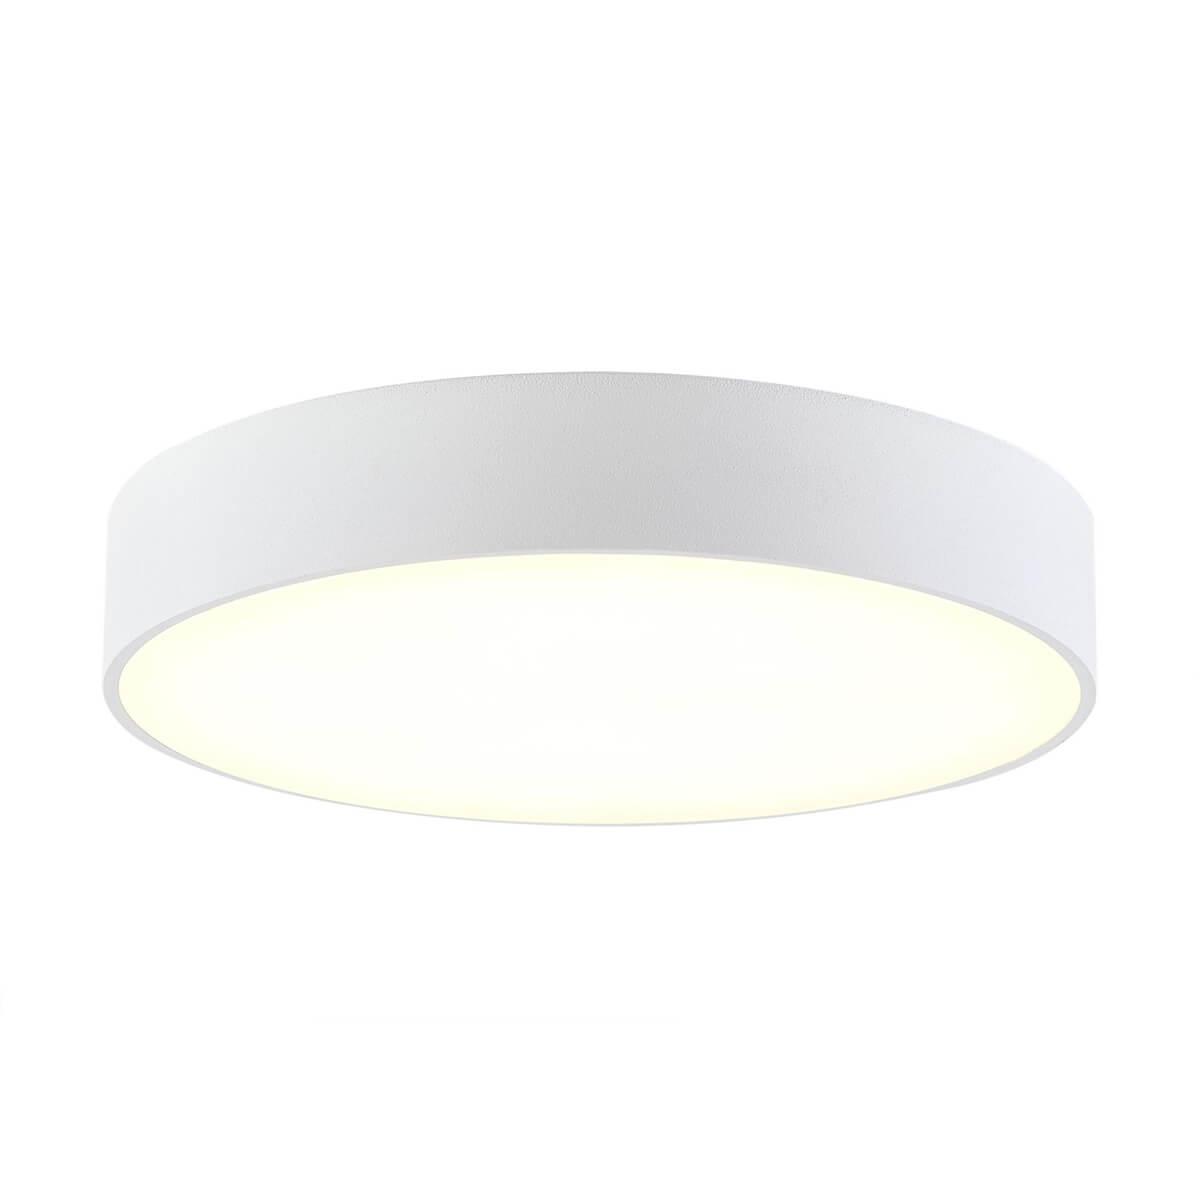 Потолочный светодиодный светильник Citilux Тао CL712R240 цены